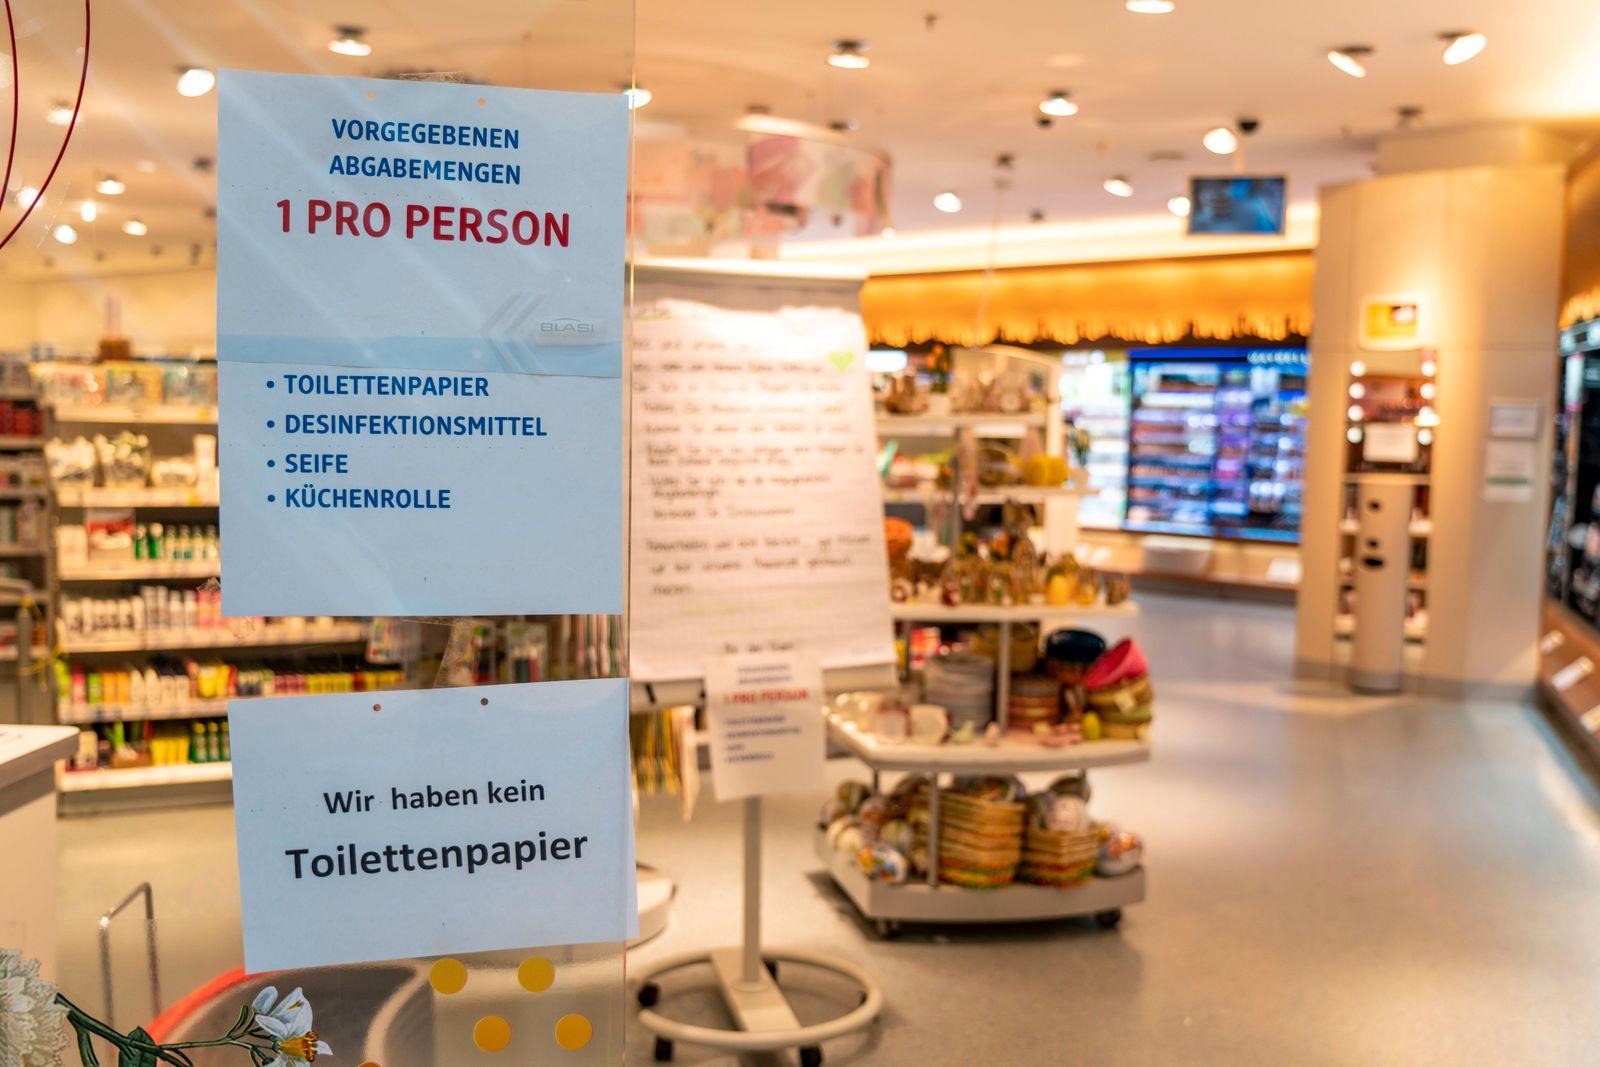 DM Drogeriemarkt, Hinweisschilder am Eingang, Kein Toilettenpapier, nur ein Hygiene Produkt pro Person, Auswirkungen der